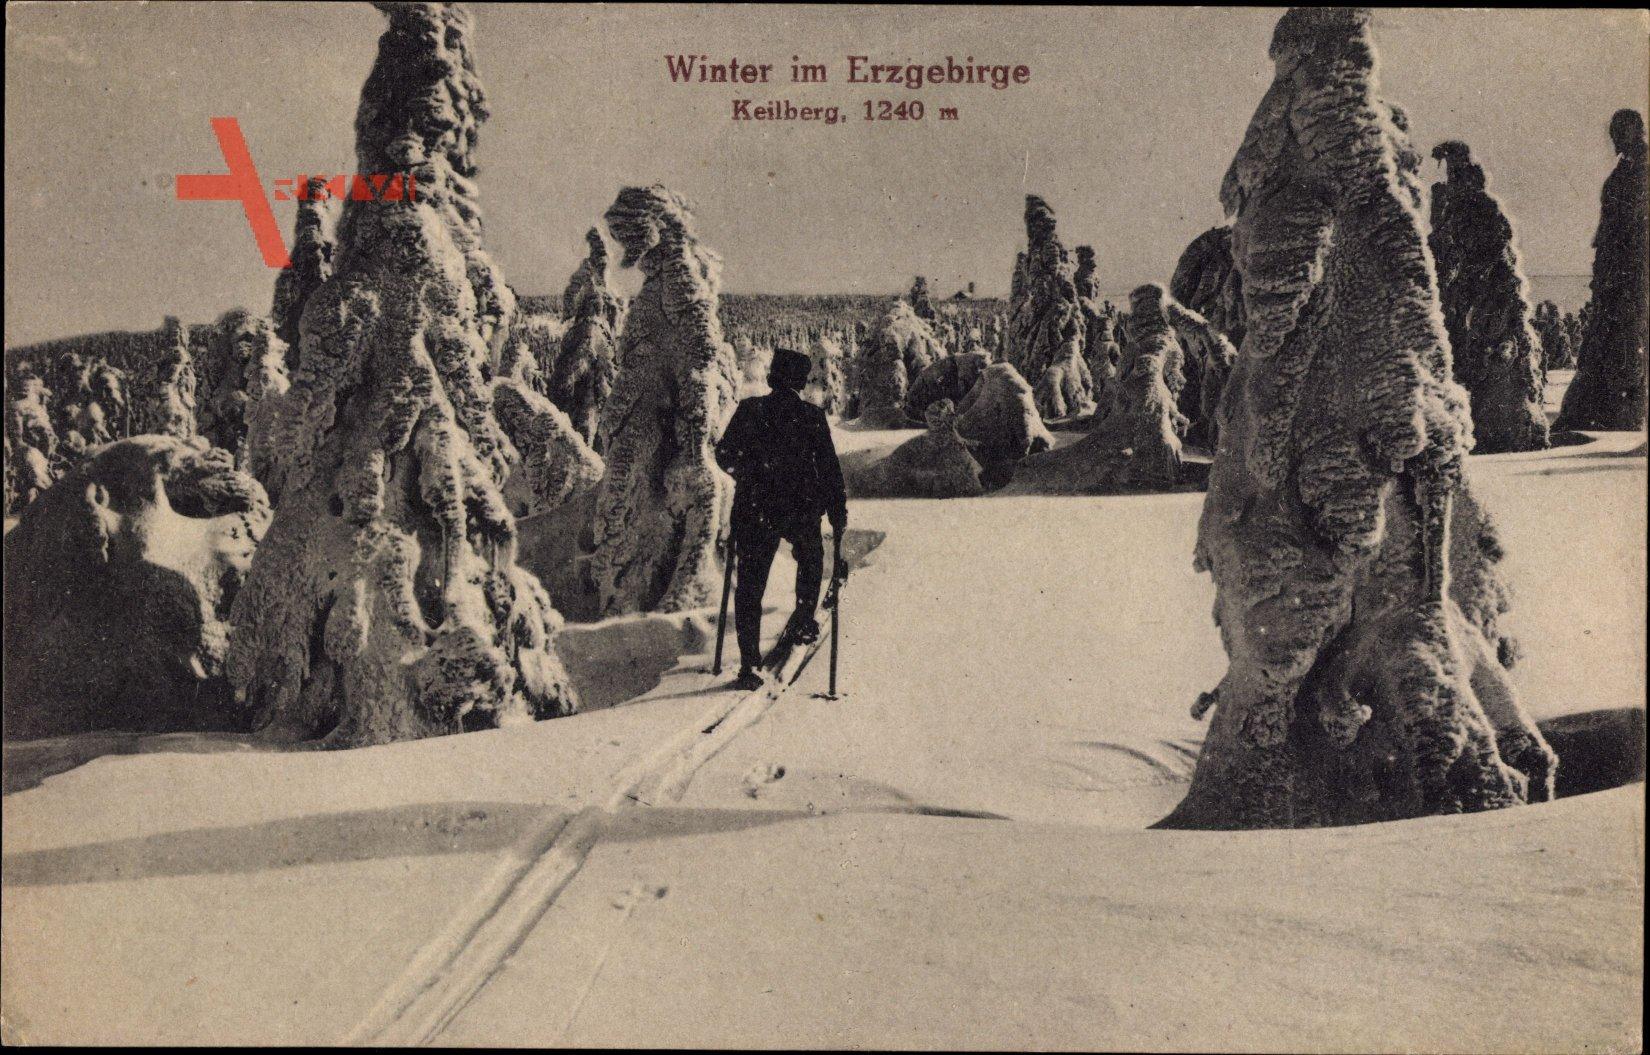 Winter im Erzgebirge, Keilberg, Skifahrer, Winterlandschaft, Frost, Schnee